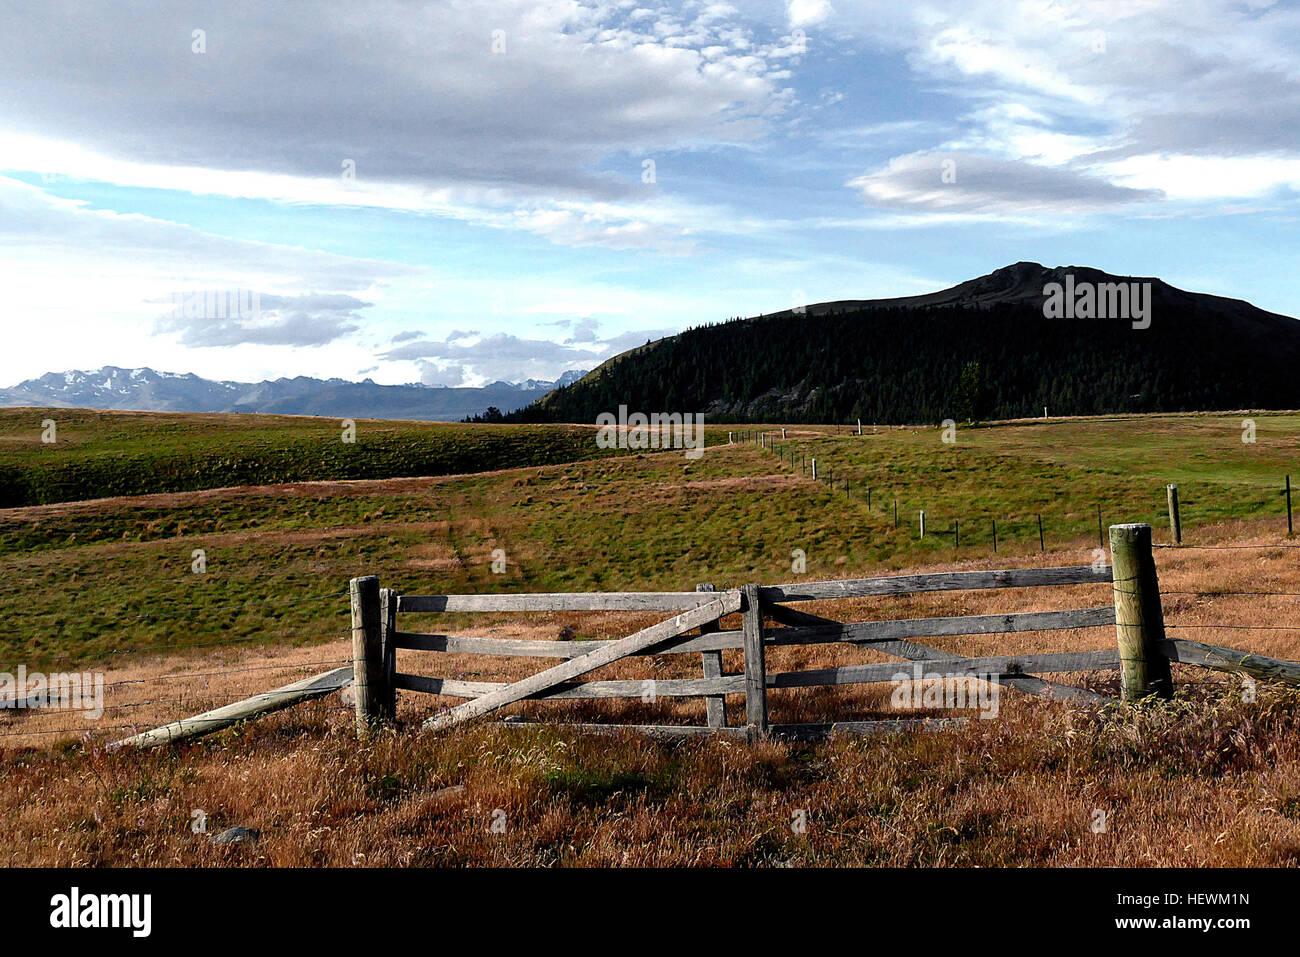 ication (,),FlickrElite,Gates,Lumix FZ1000,rual - Stock Image